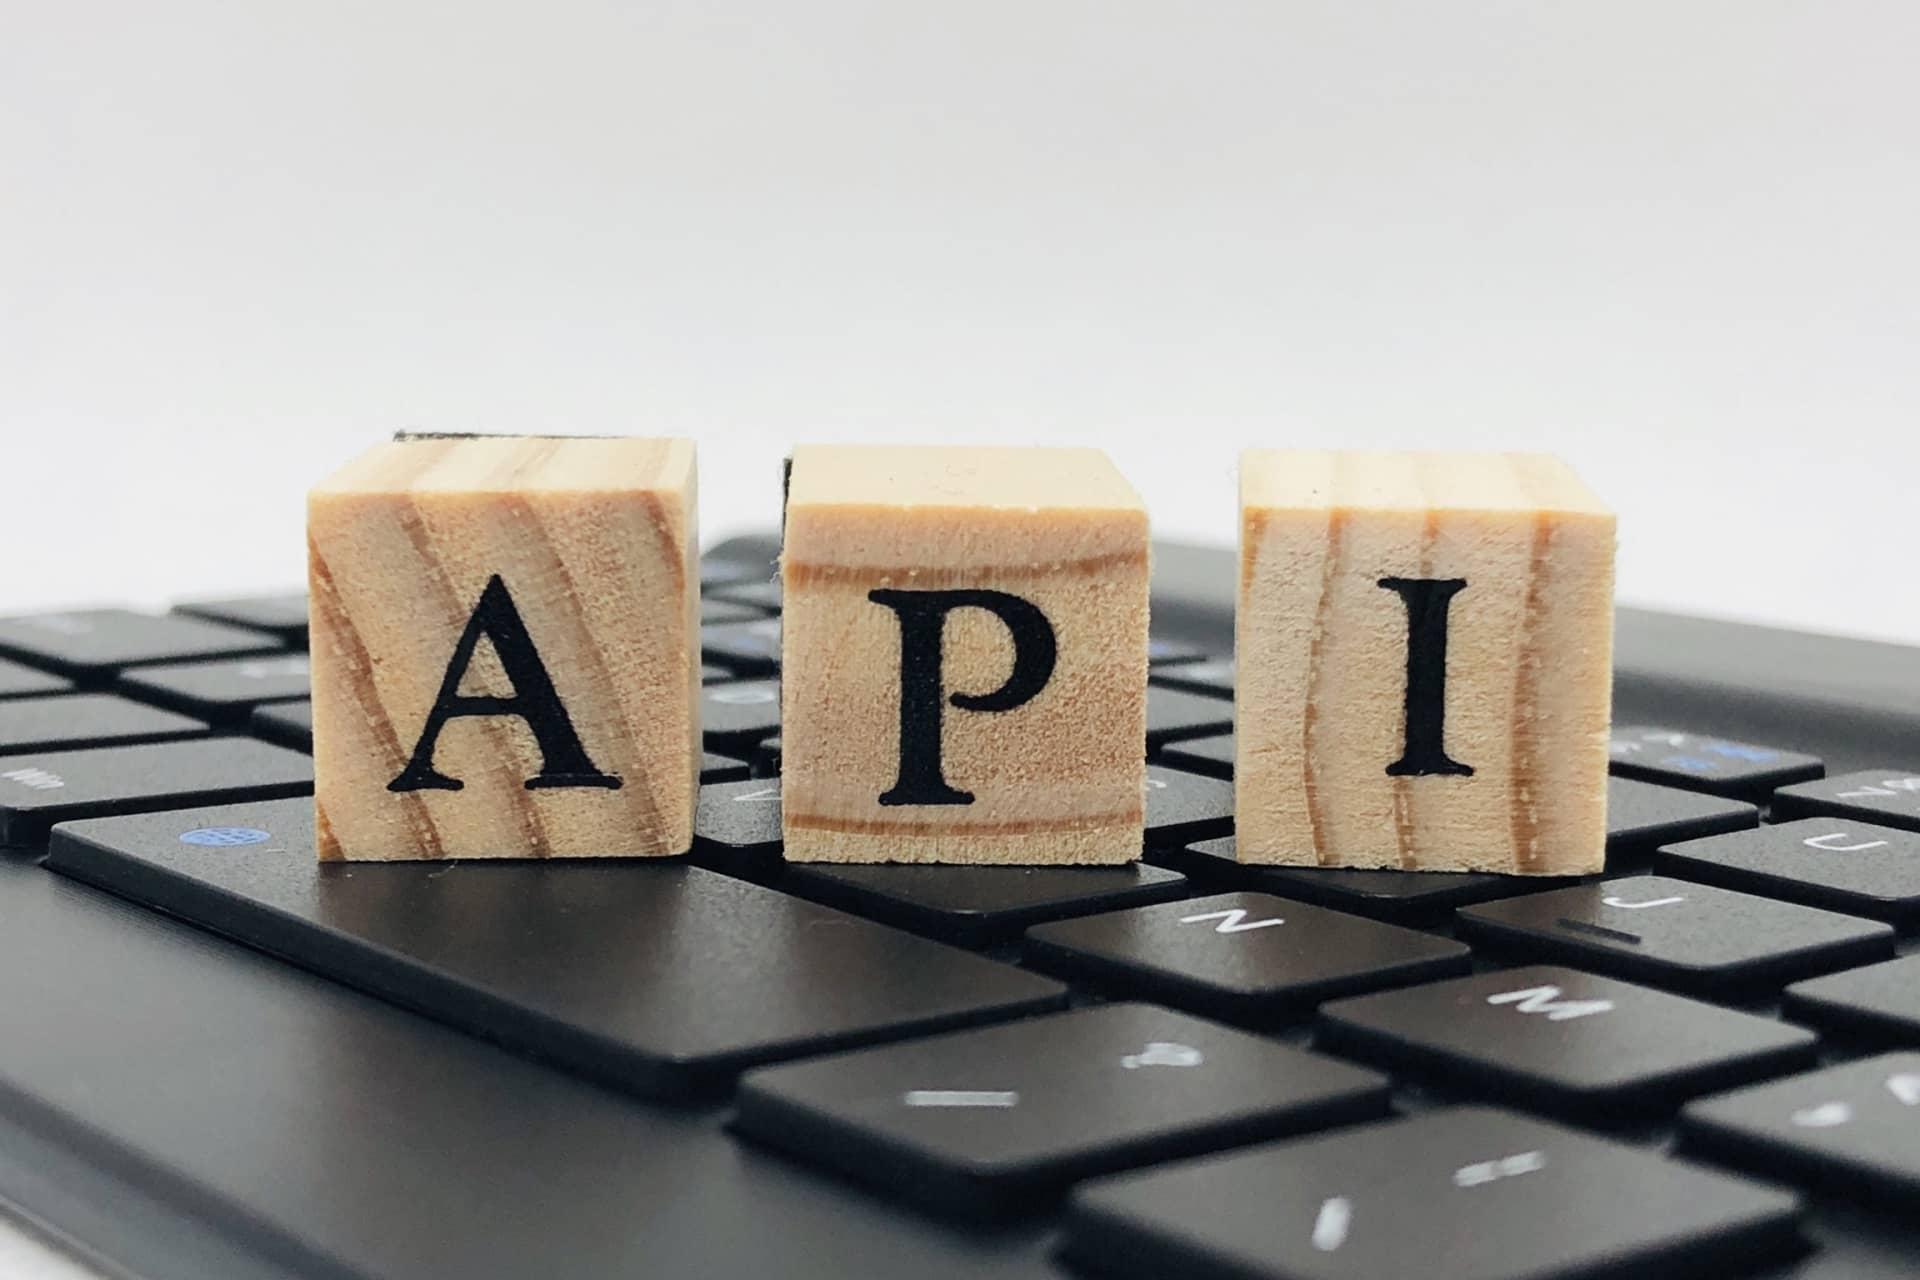 【初心者向け】APIとは?ECサイトの拡張には必須機能。特徴、メリット、利用方法、EC-CUBEのAPIまで徹底解説!